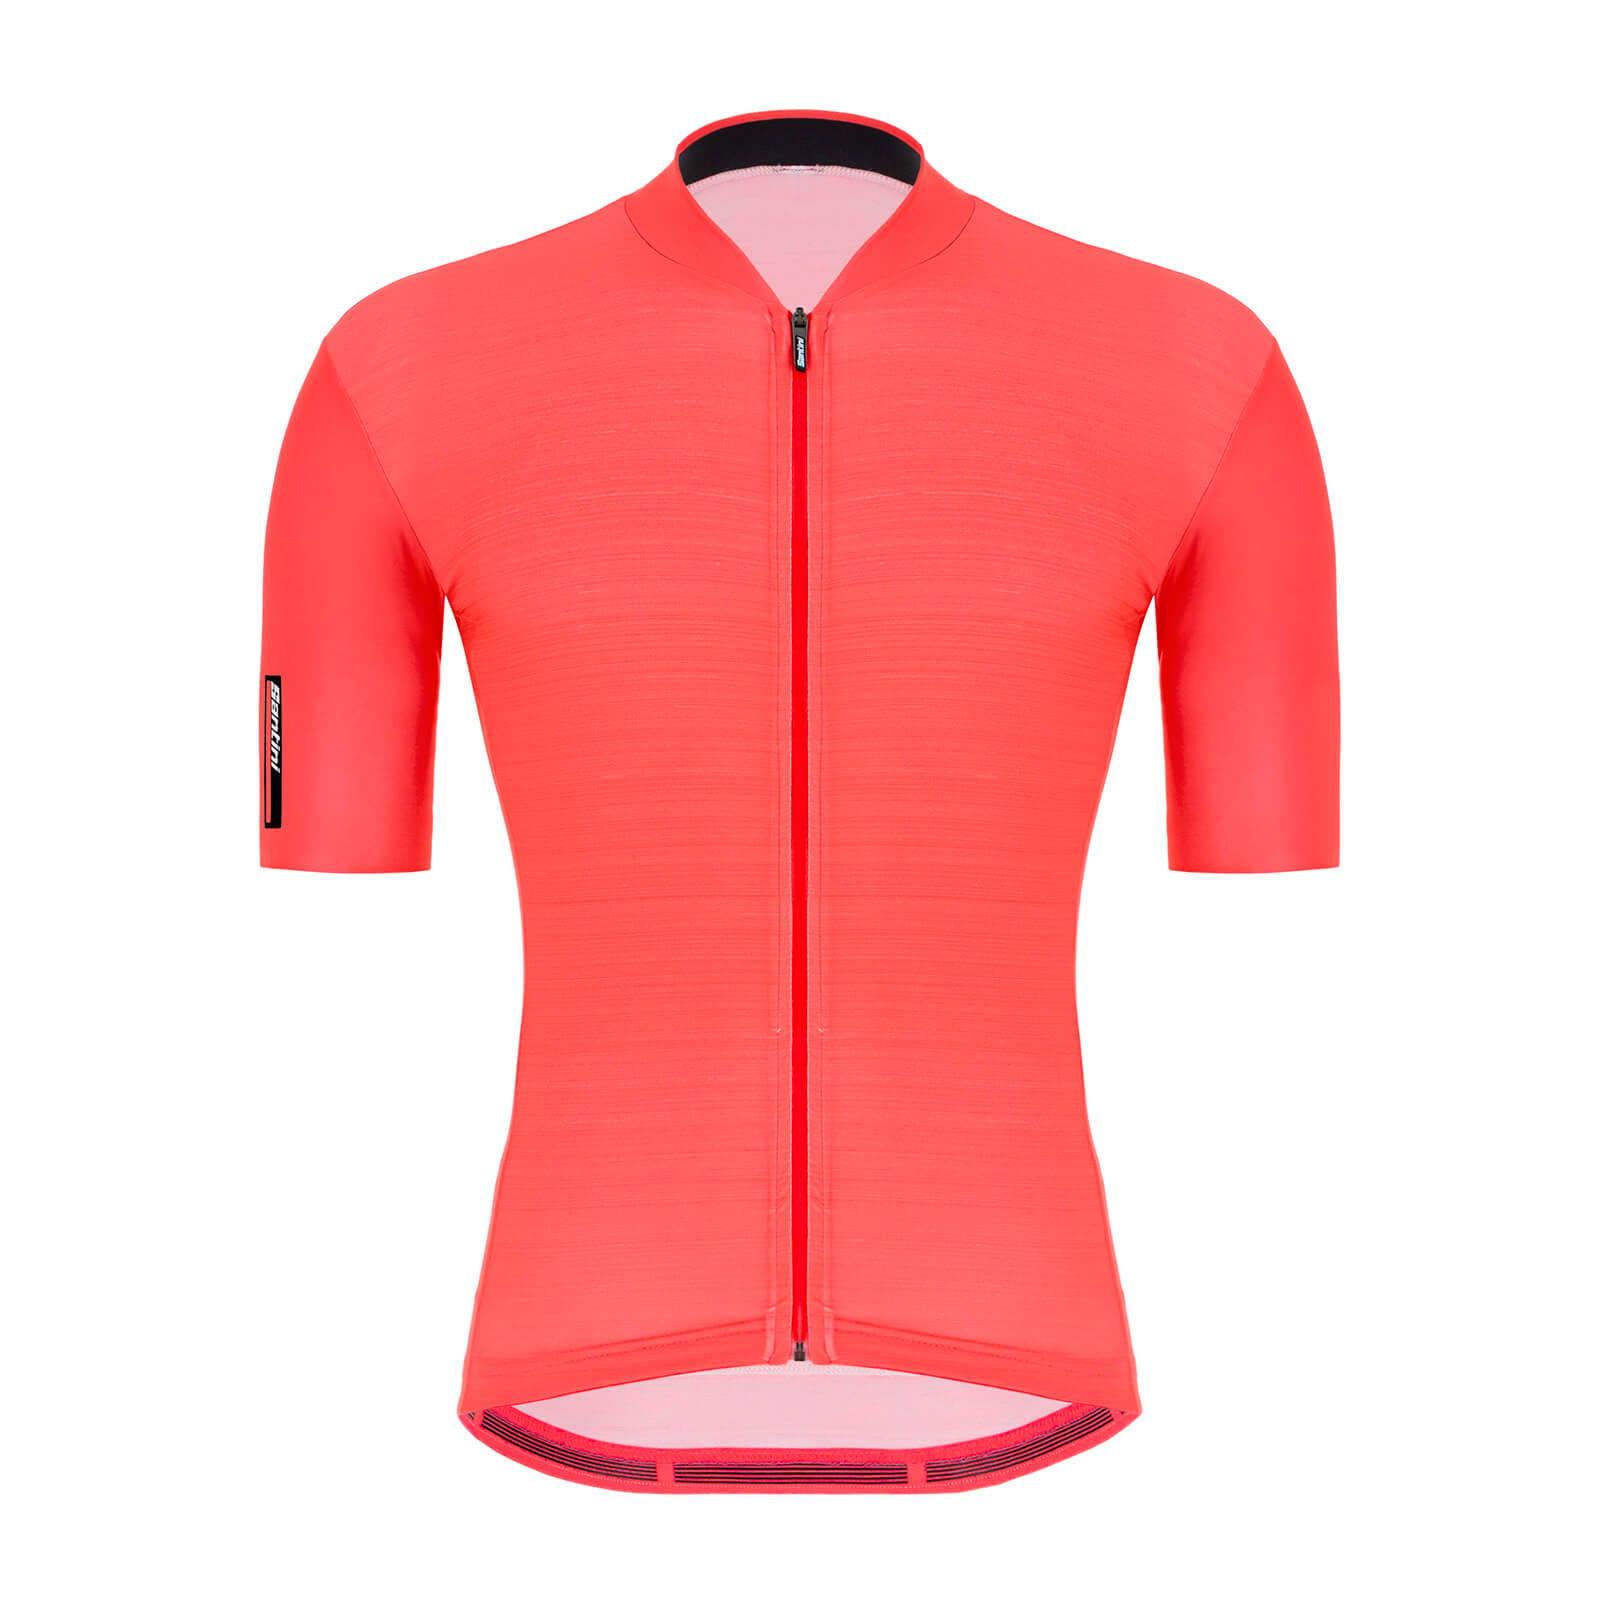 Santini Colore Jersey - L - Granatina Orange